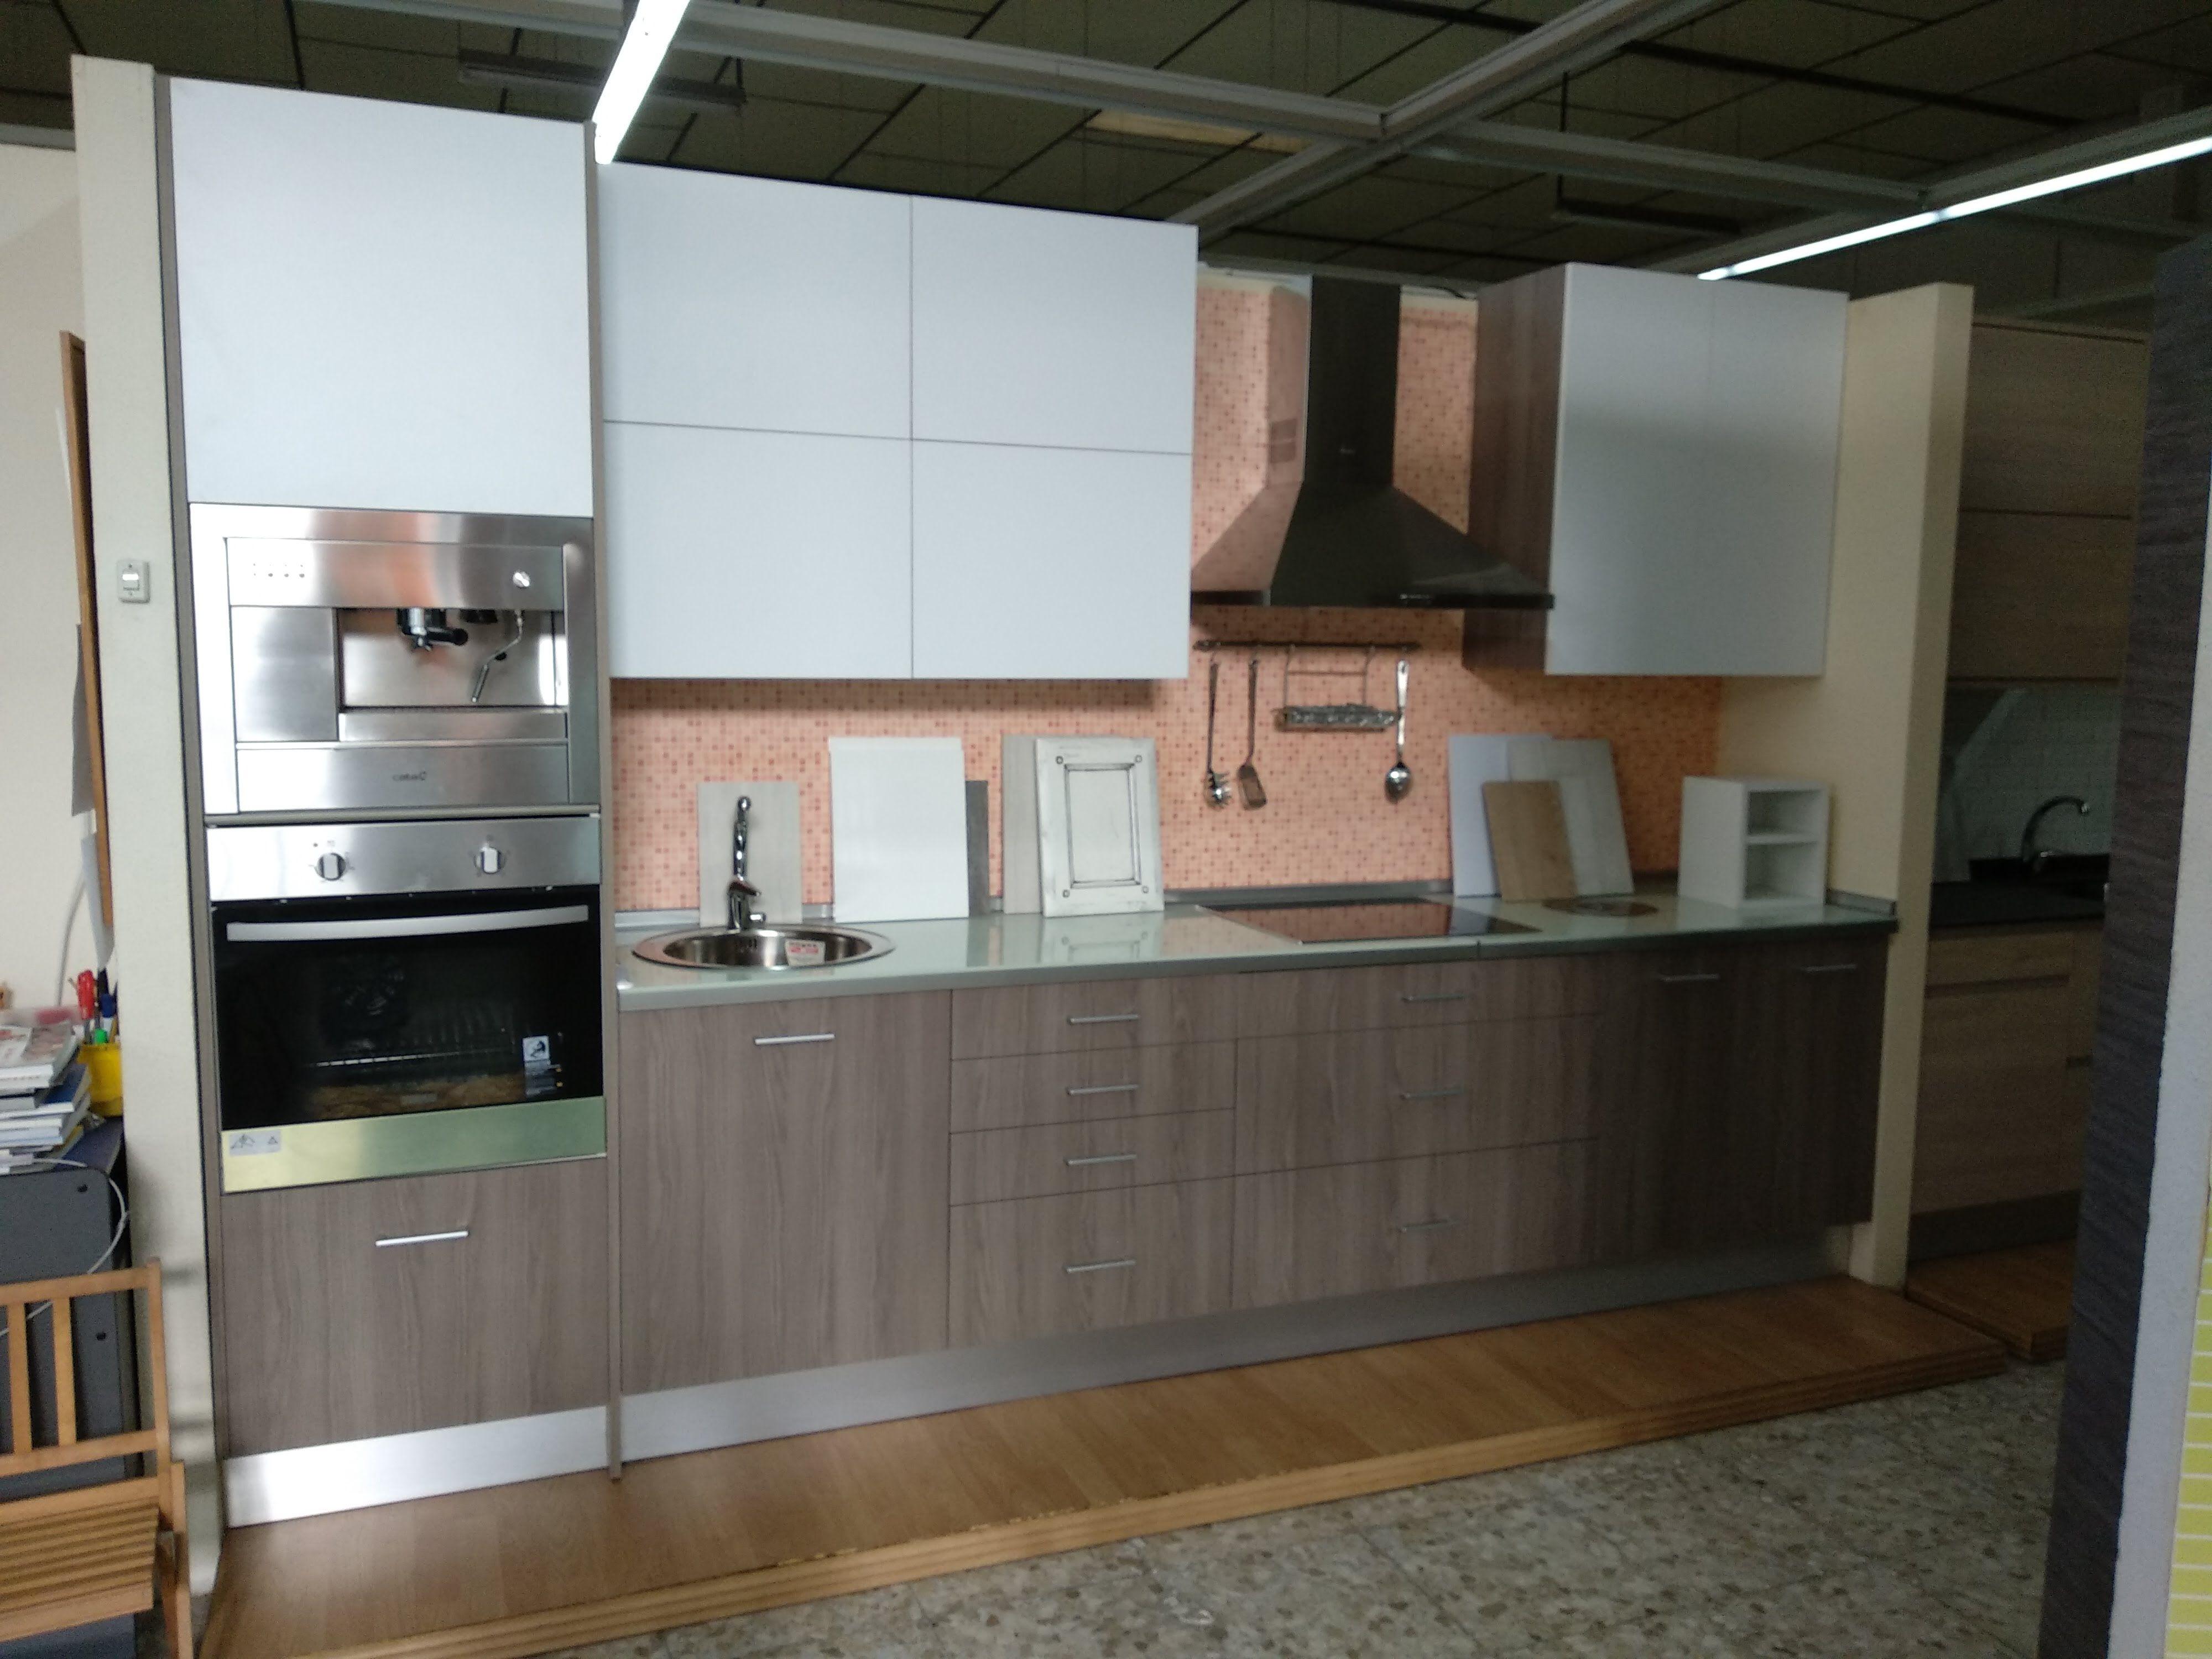 Muebles de cocina a medida en Fuenlabrada